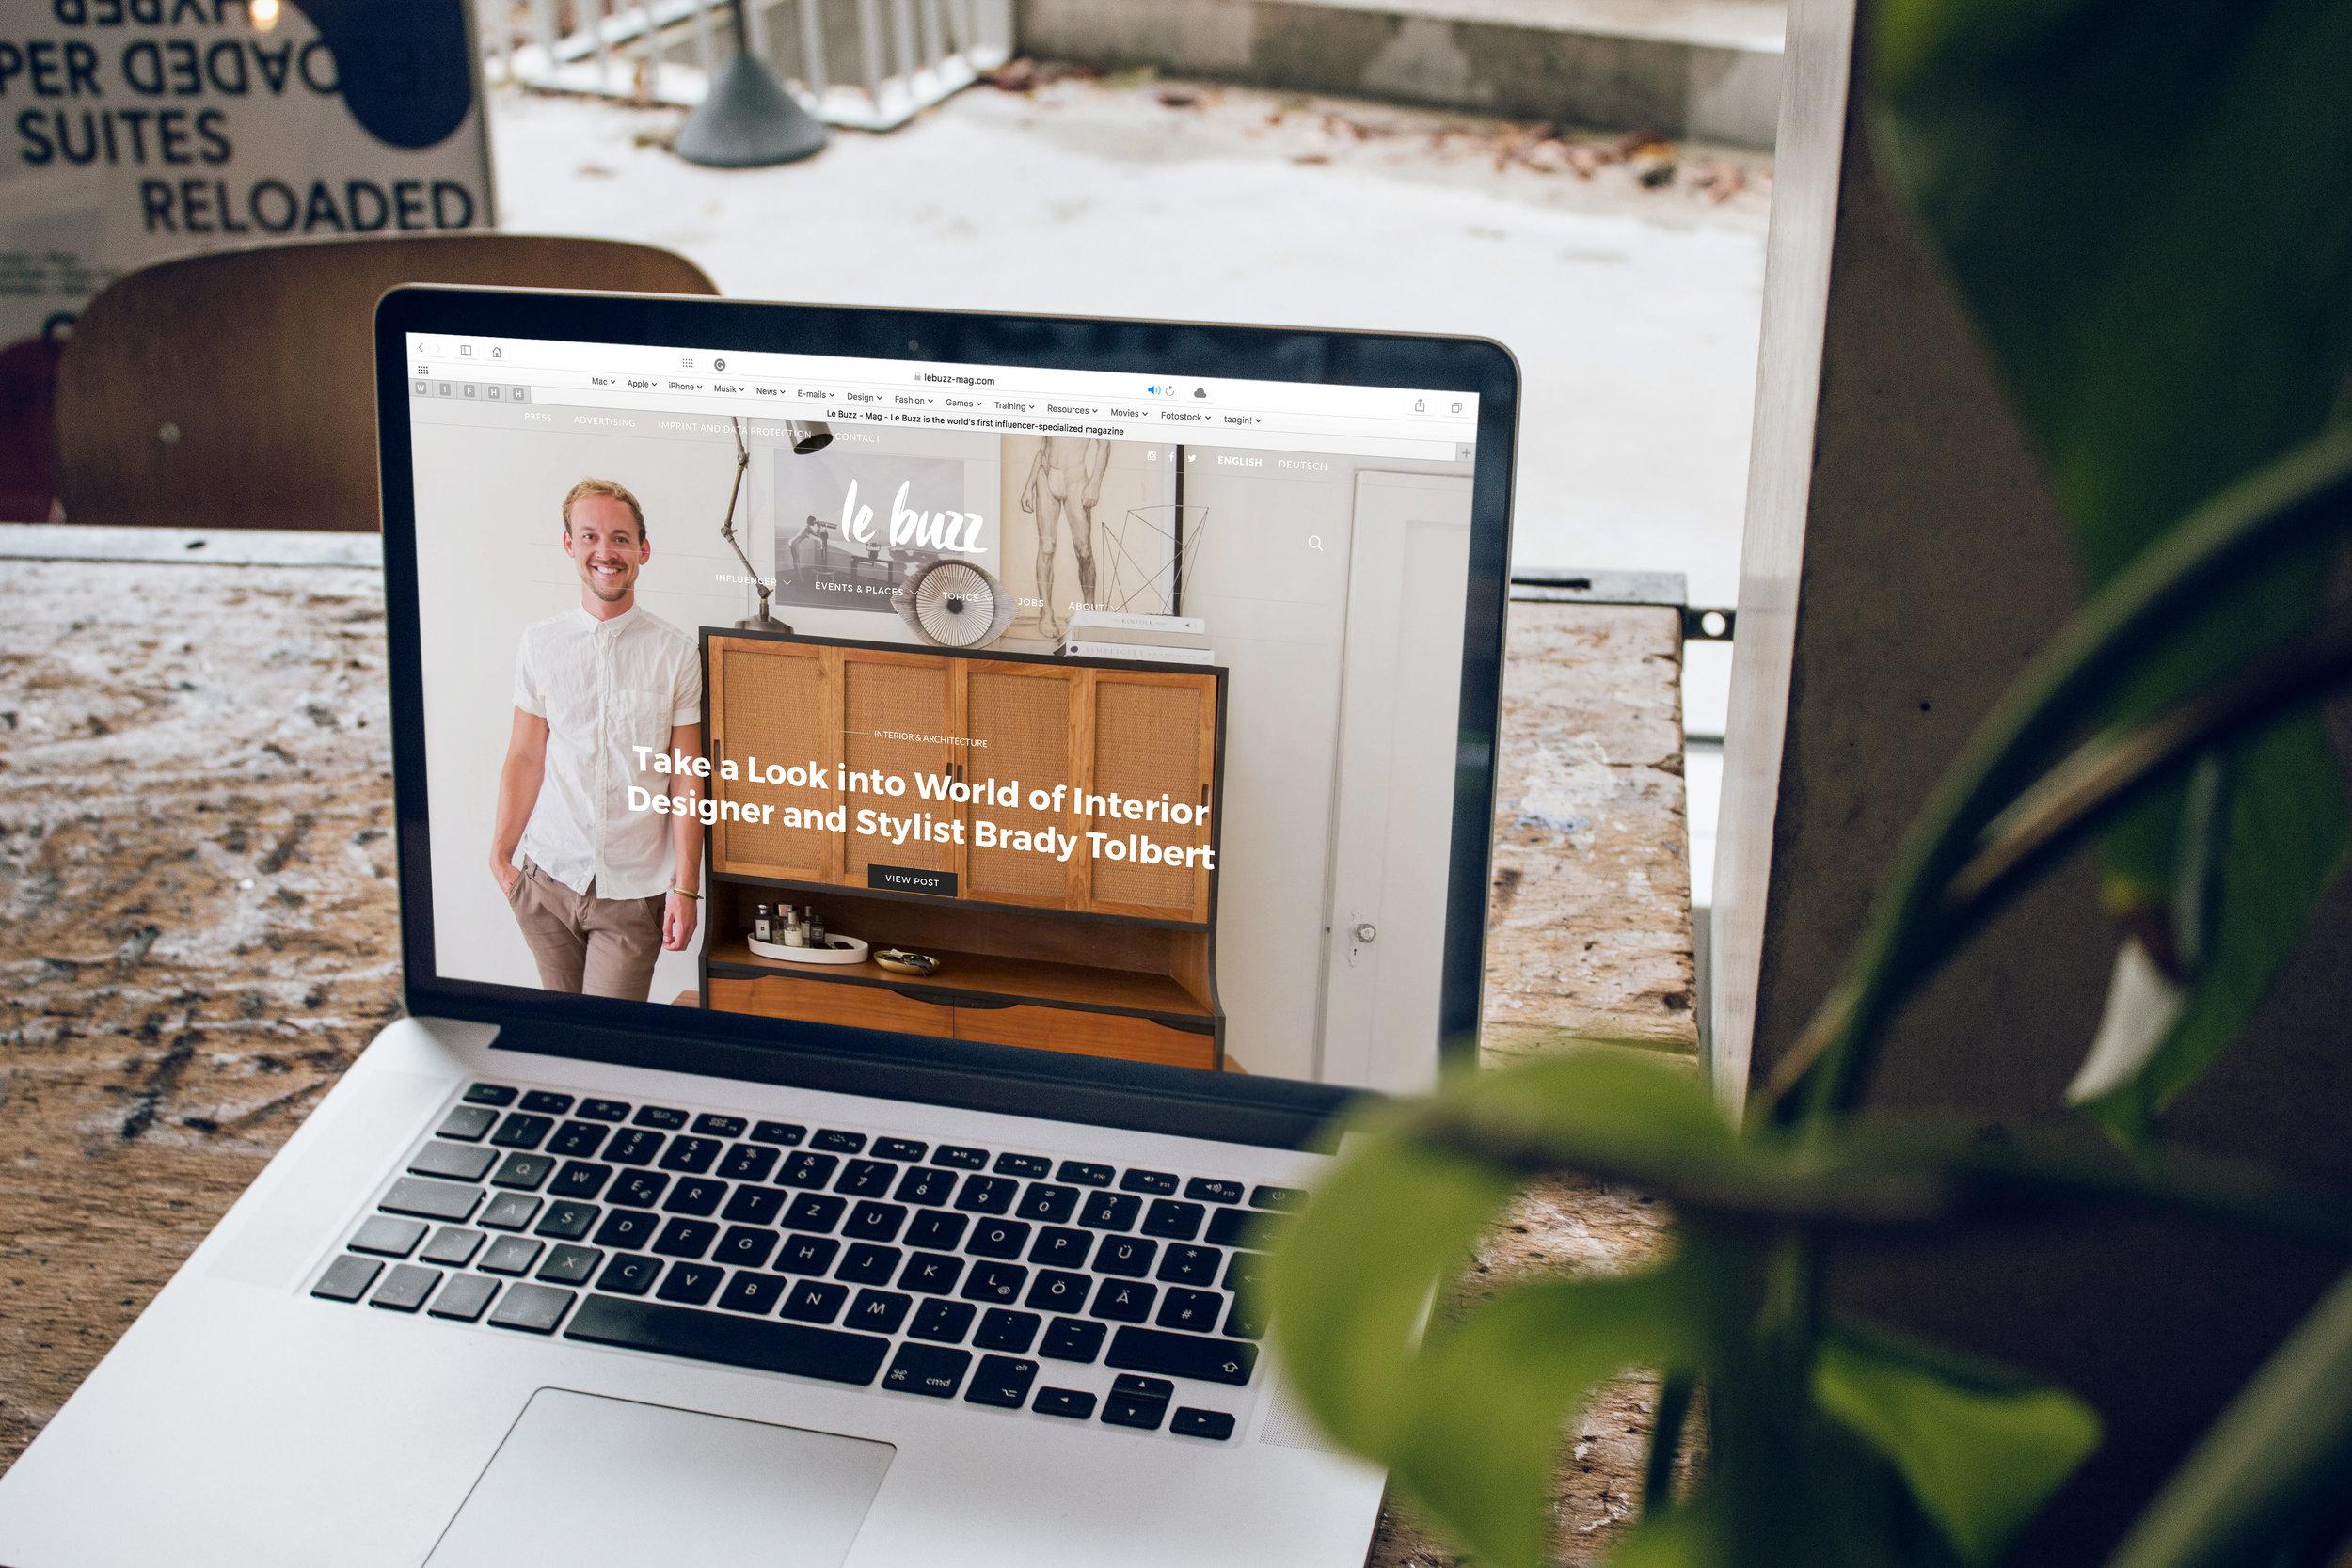 الأسبوع الأول - اليوم الأول: التعرف على منصة سكويرسبيس، اختيار التيمبلت، والحصول على حسابك الخاص.اليوم الثاني: هيكلة الموقع، إضافة الشعار،إضافة الخطوط، التعديل على التصميم والألوان.اليوم الثالث: إنشاء الصفحات،إنشاء مدونة،والتعامل مع البلوكات الأساسية في الموقع.اليوم الرابع: إنشاء متجر وربطه بالباي بال، والتعرف على الخيارات المتوفر في المنصة للمتاجر.اليوم الخامس: التعامل مع خيارات التسويق (صفحة الغلاف، النشرة البريدية) والإحصاءات في الموقع.